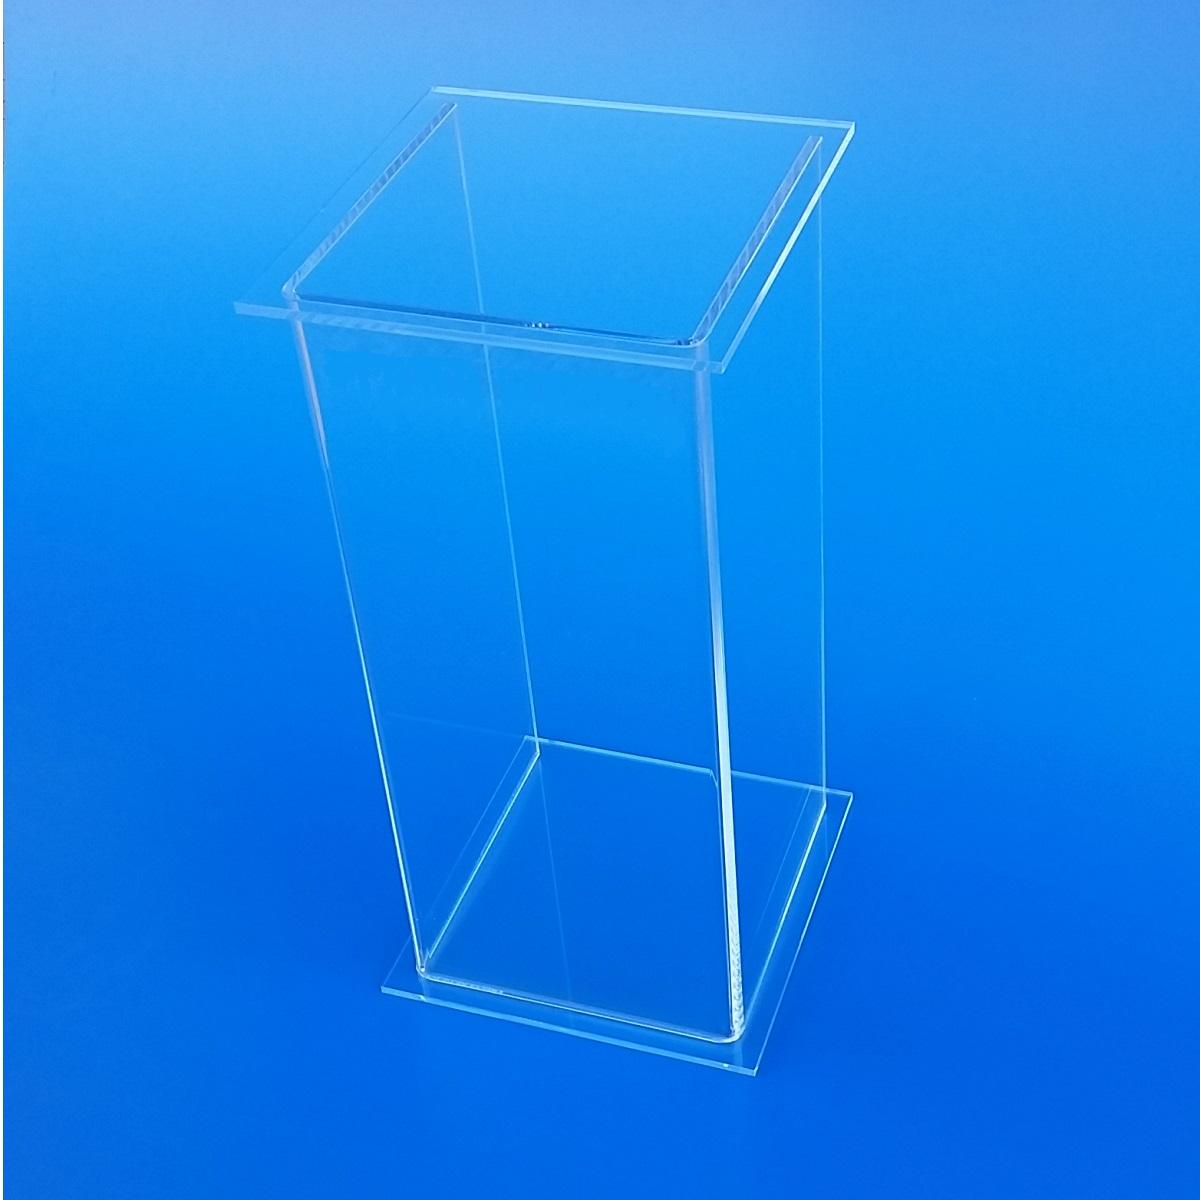 Piedistallo espositivo in plexiglass trasparente